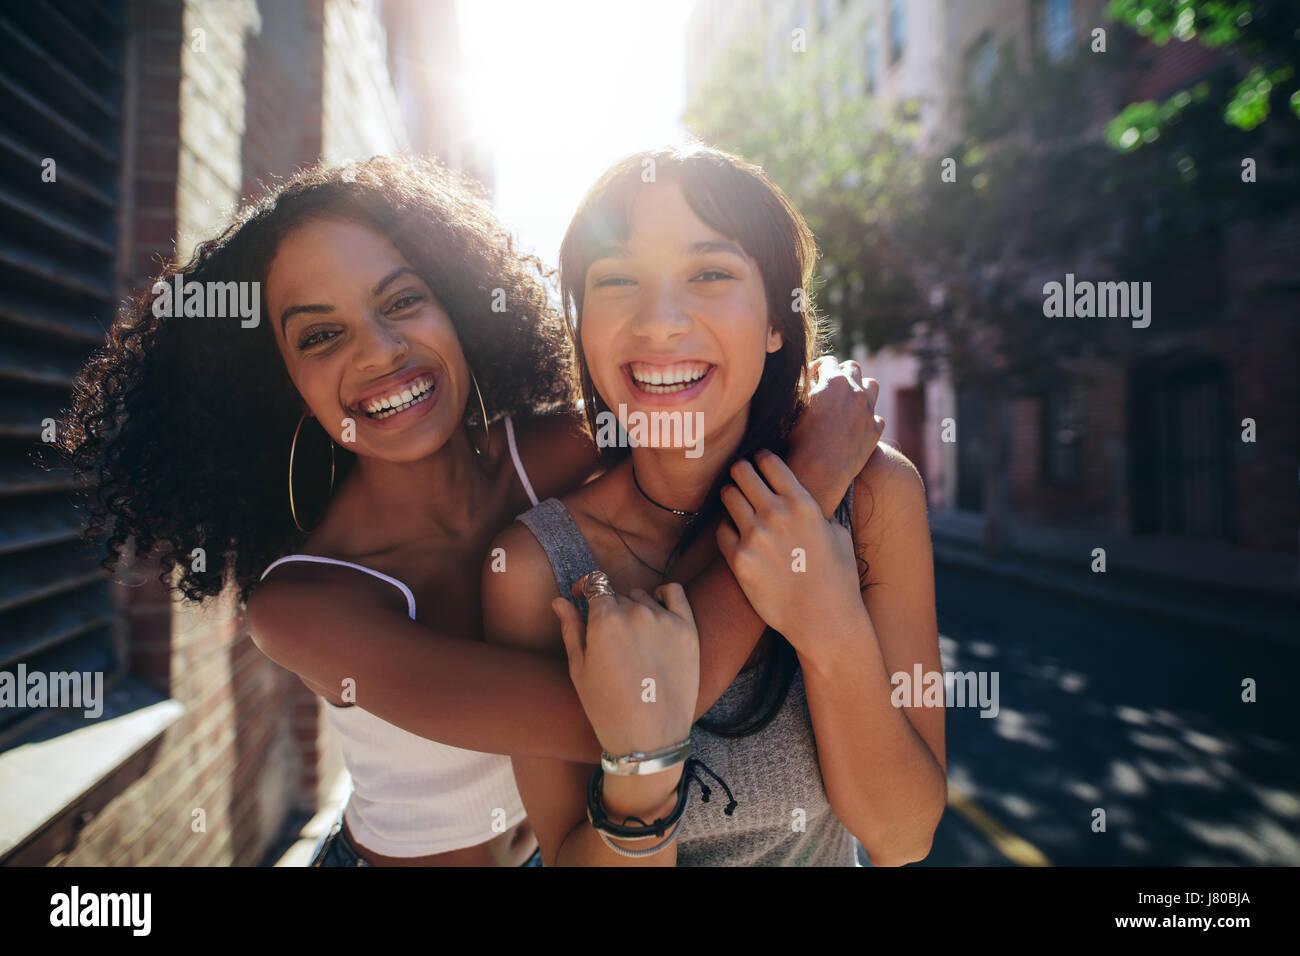 Portrait de deux jeunes femmes sur la rue de la ville d'avoir du plaisir. Amis de sexe féminin sur route Photo Stock